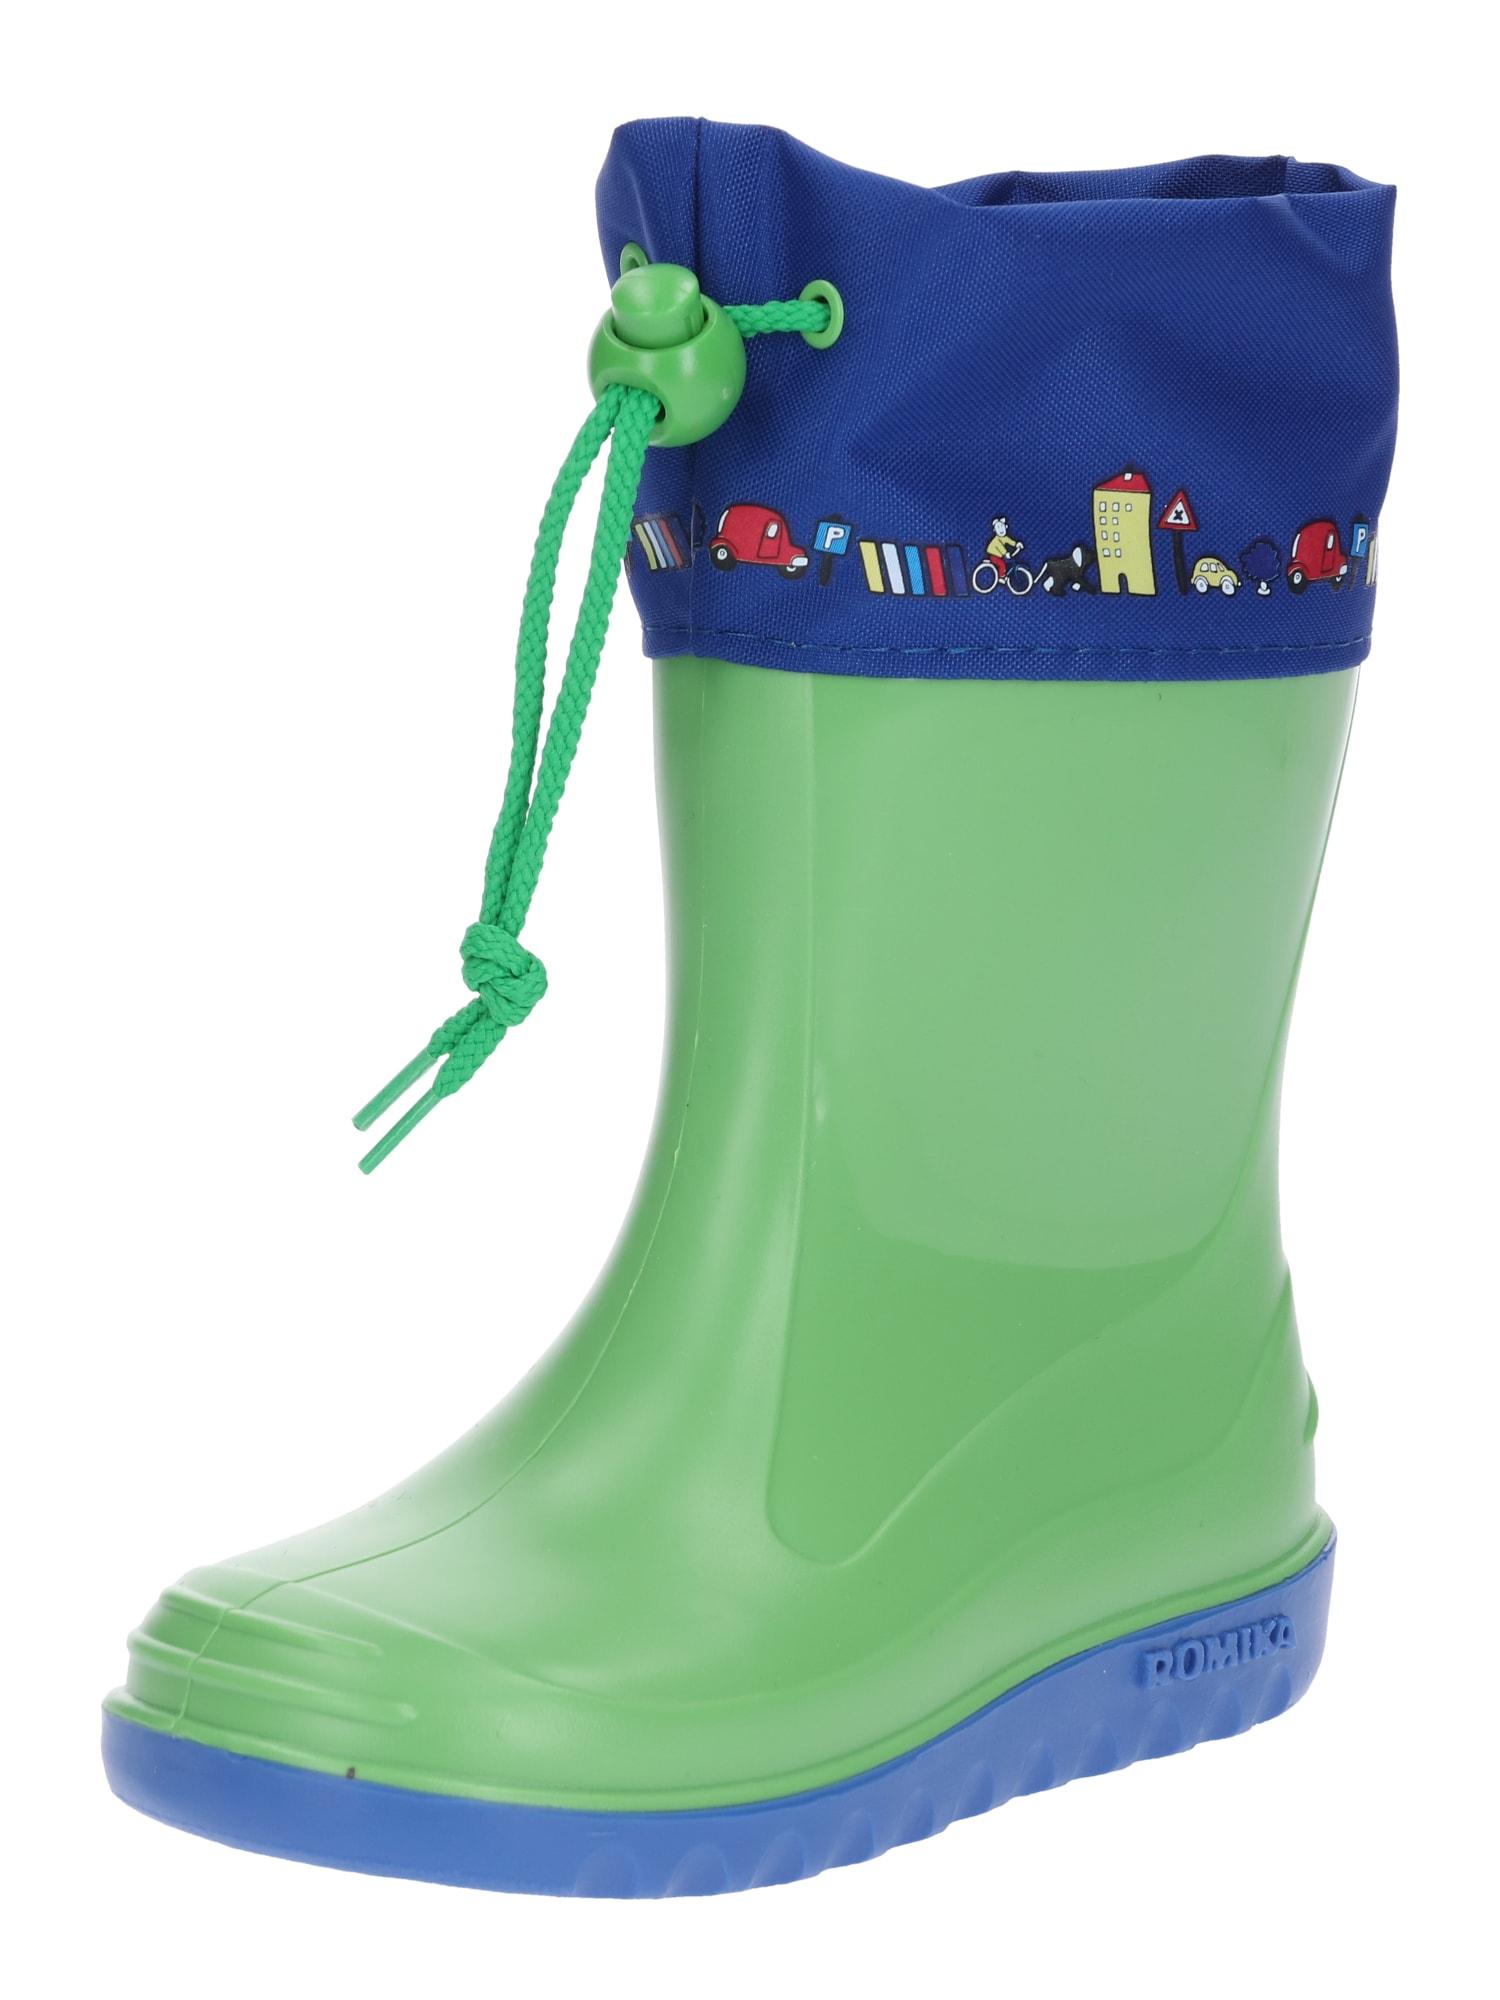 Gumové holínky Jerry modrá zelená ROMIKA